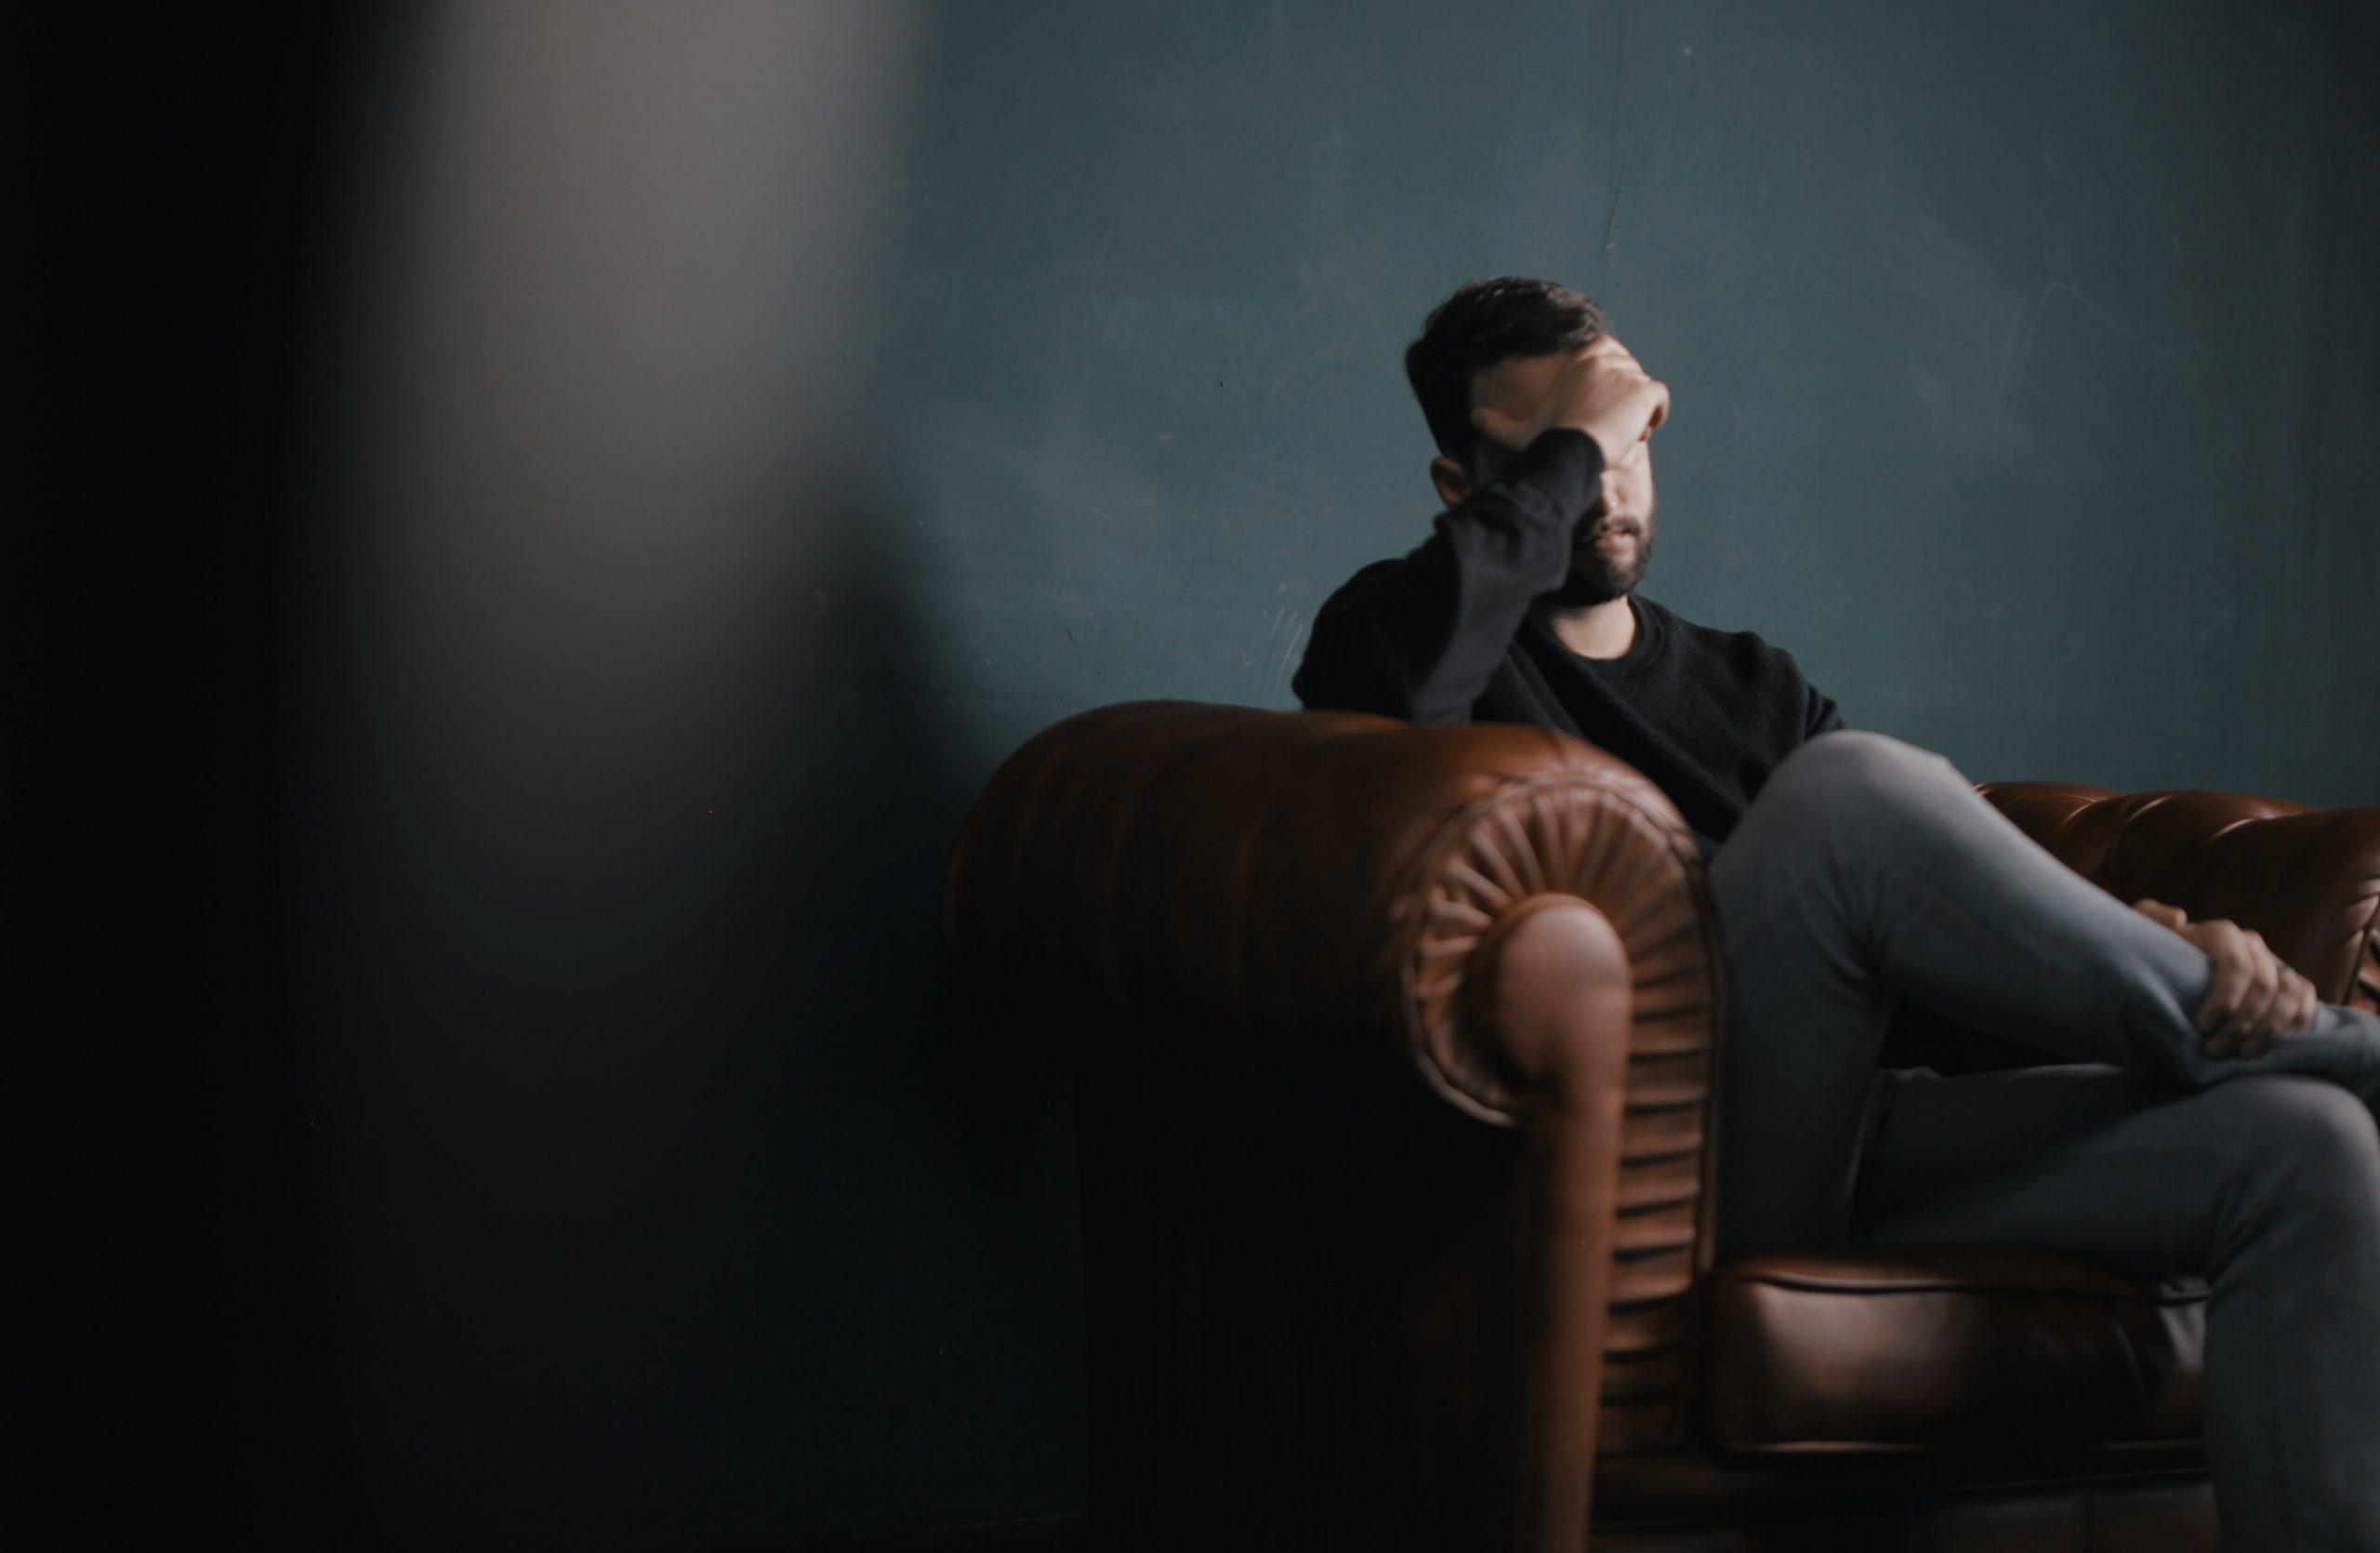 3 manifestations du stress et comment y remédier